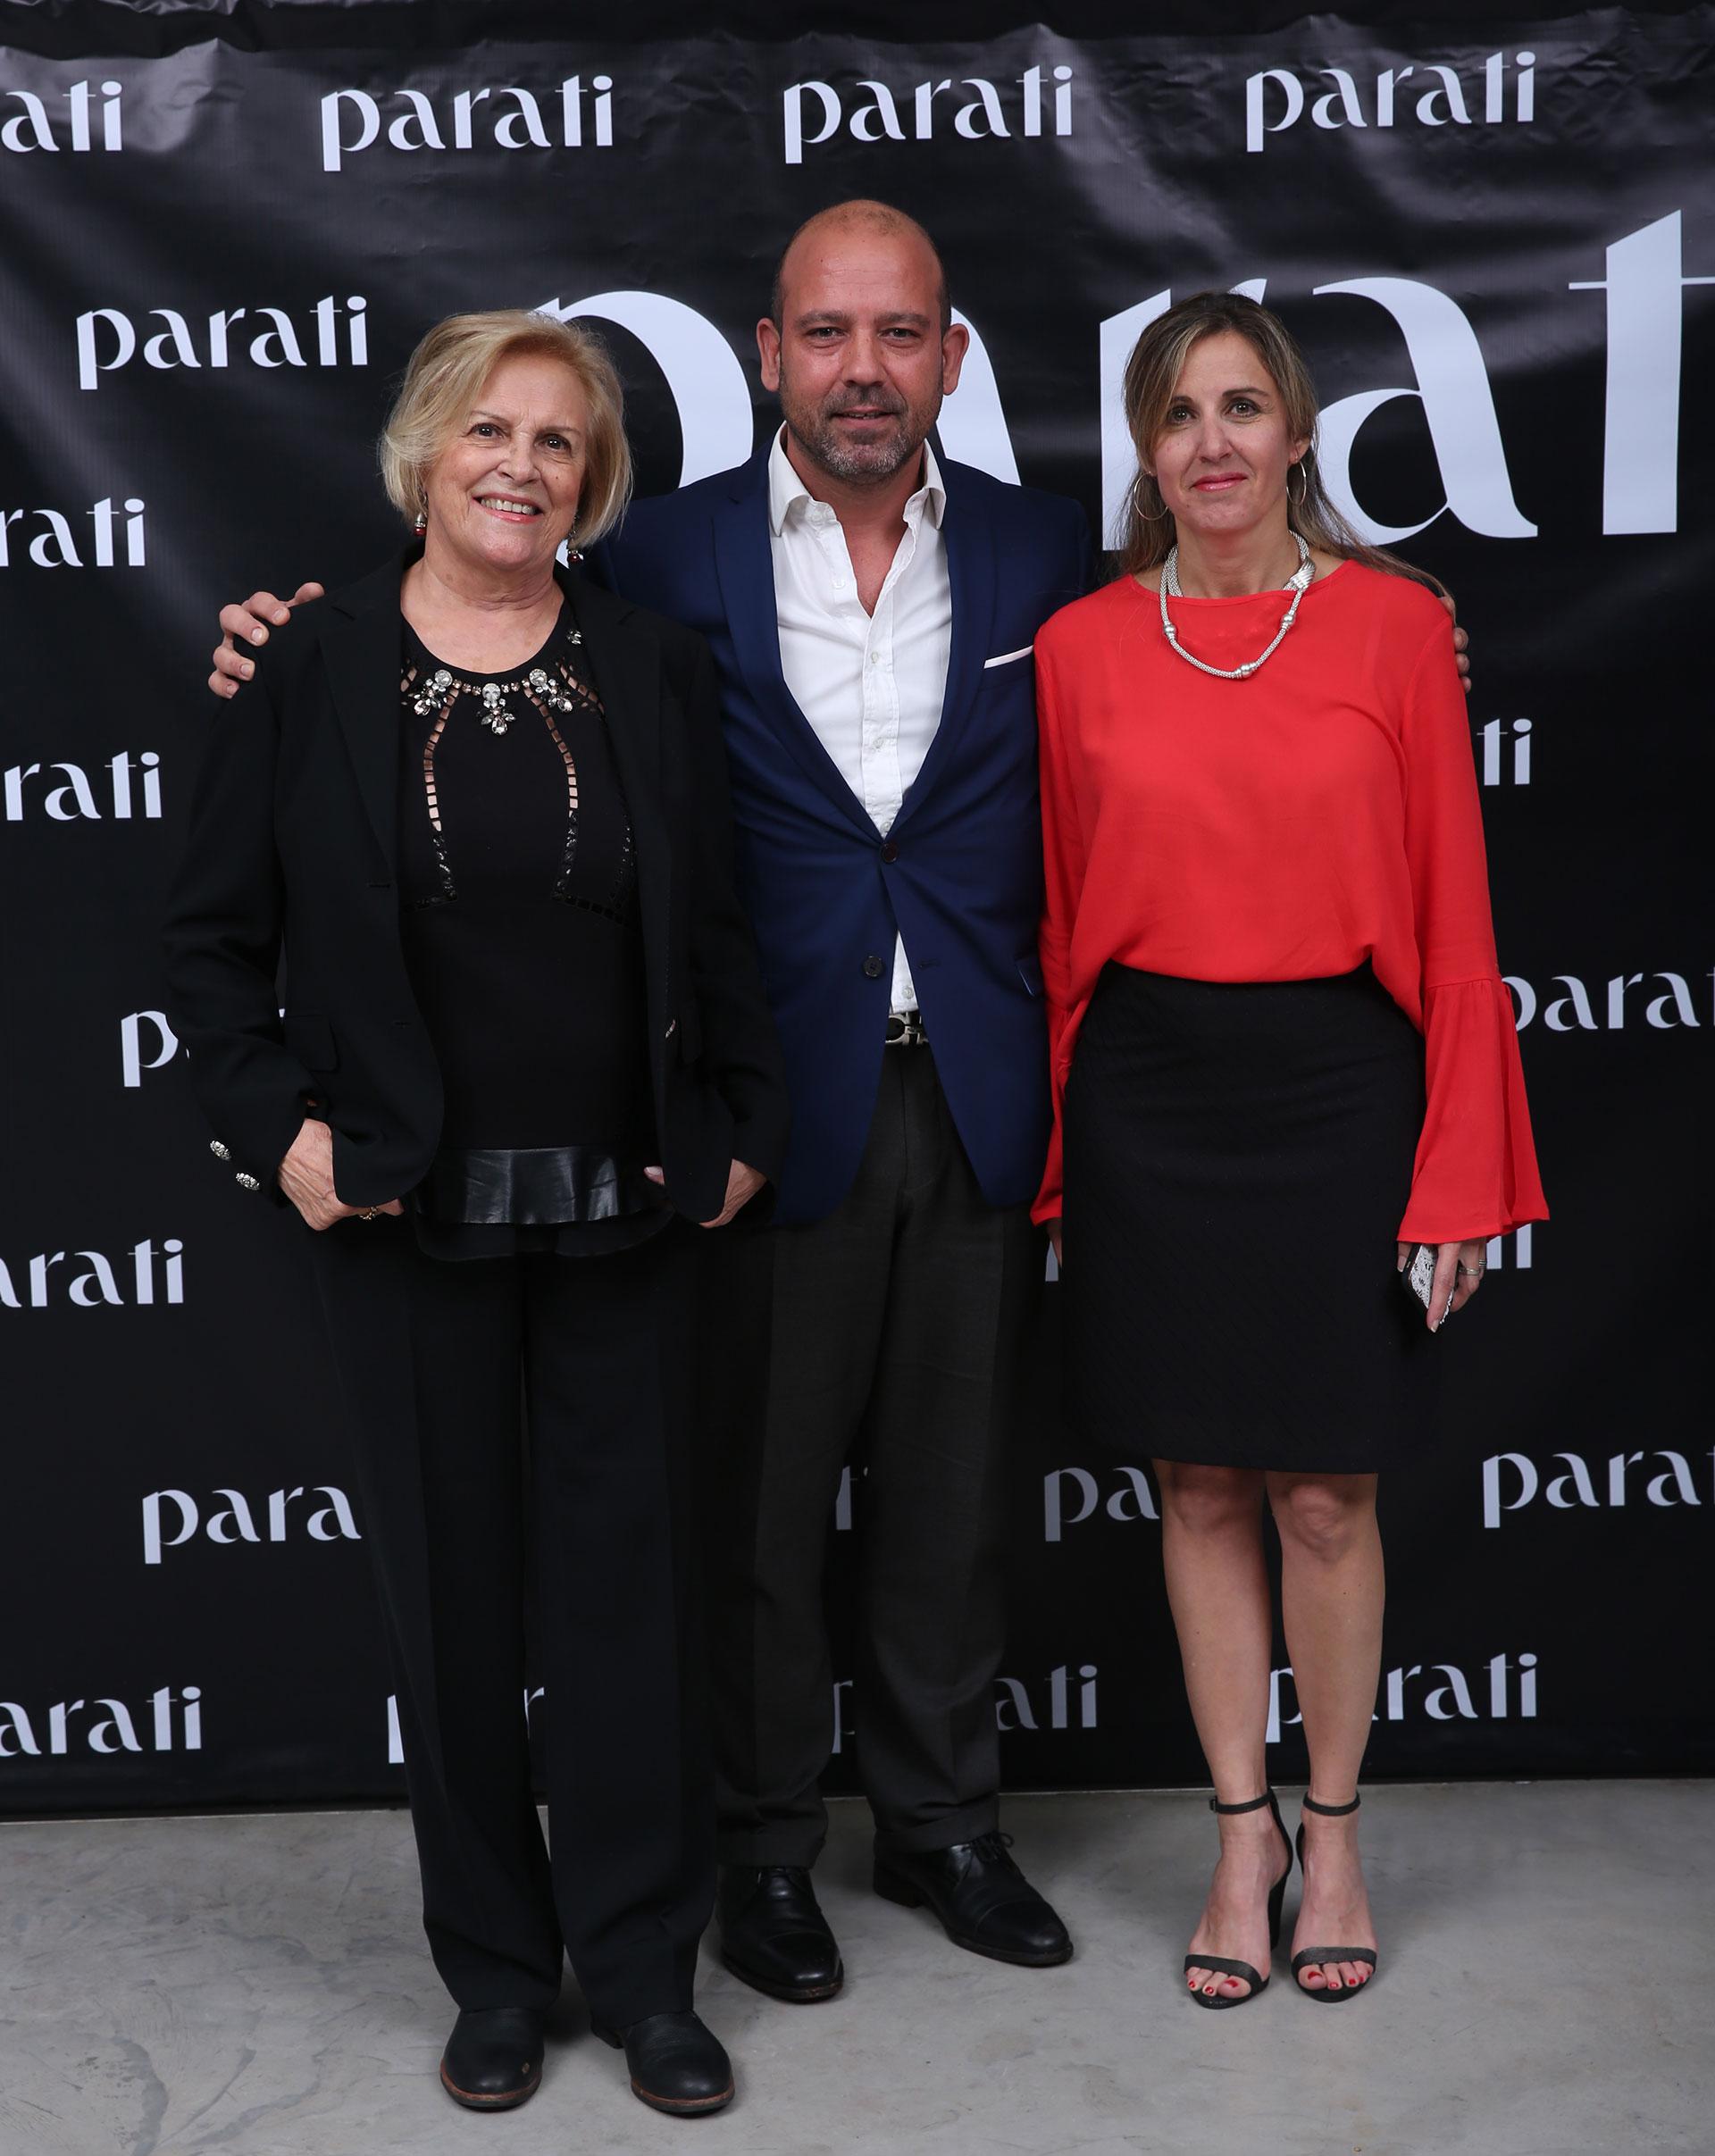 María Trinidad Pelazzo, directora de relaciones públicas, Adrián De Stefano, director comercial y Valeria Polacsek, gerente de Marketing de Editorial Atlántida.